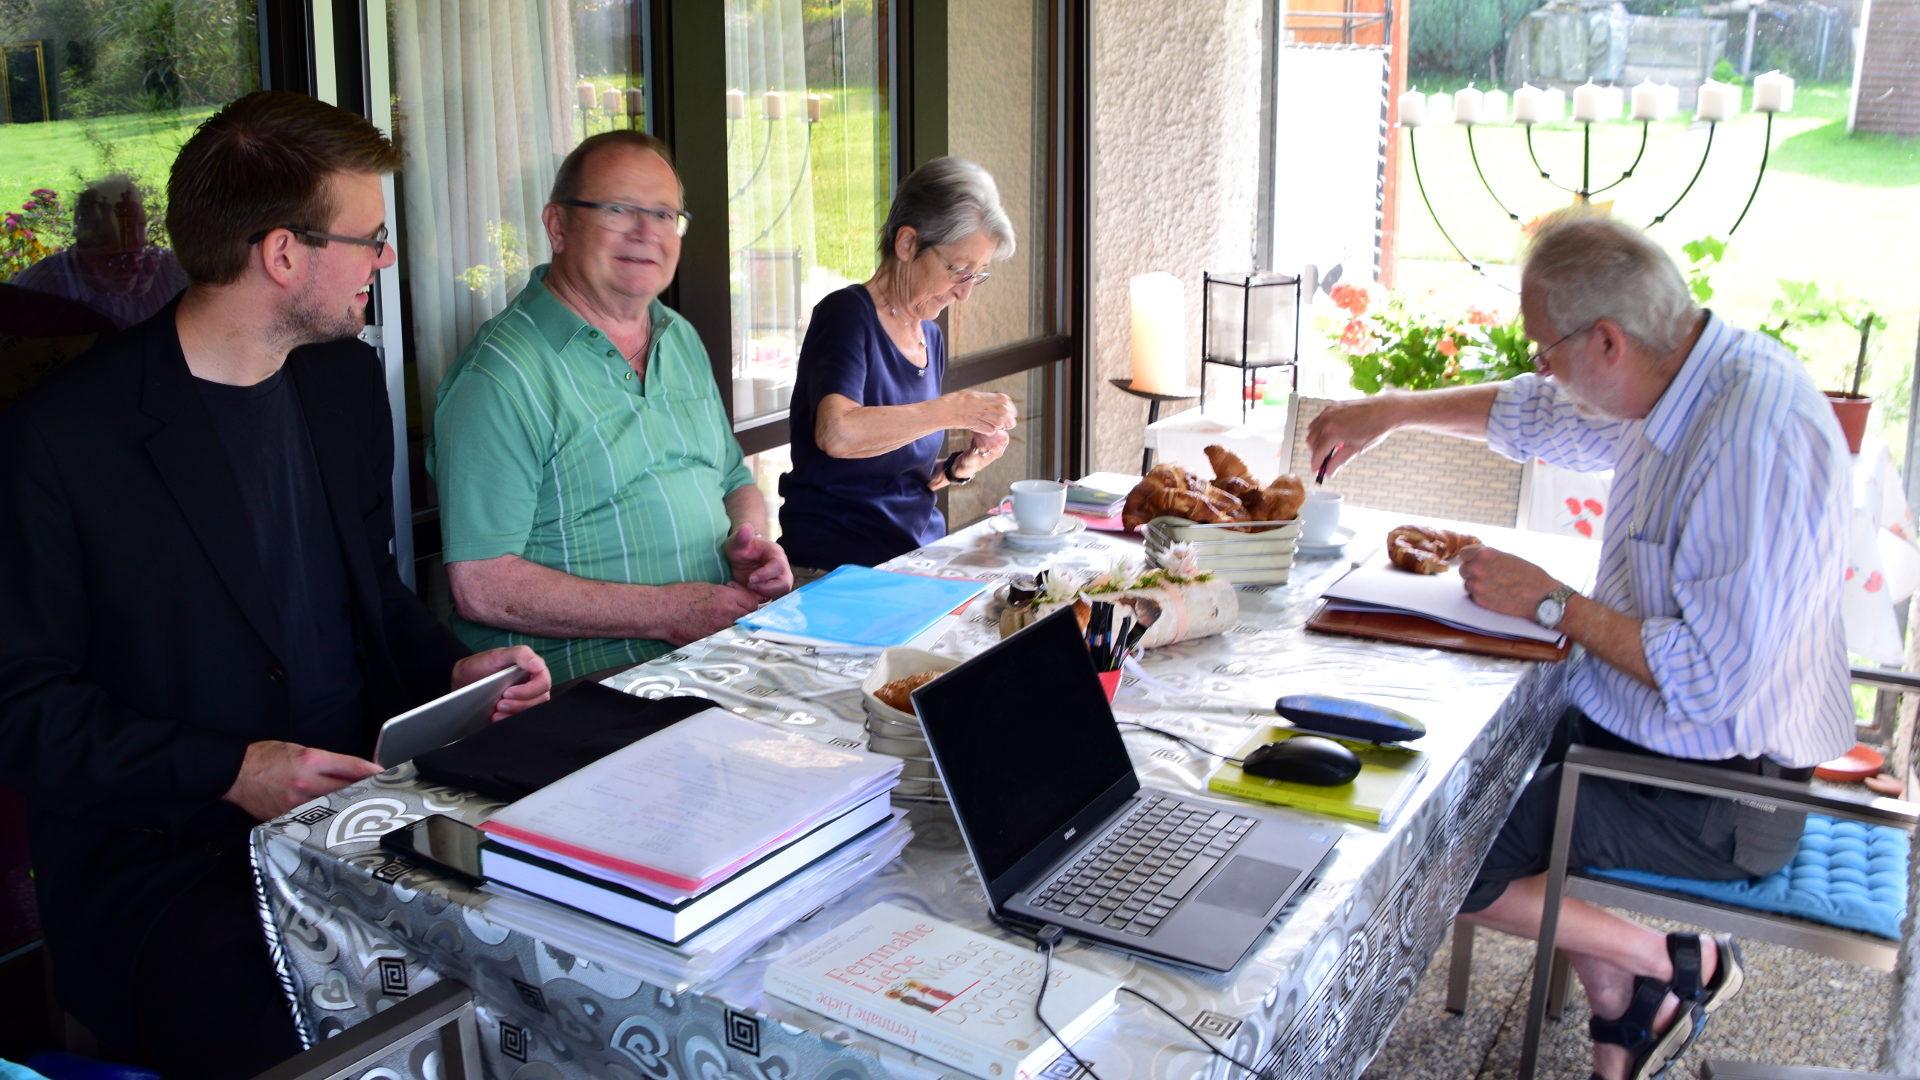 Florian, Hansruedi, Idda, Clemens - von Barbara sieht man nur den Laptop, von Alois eine Beige Papier...